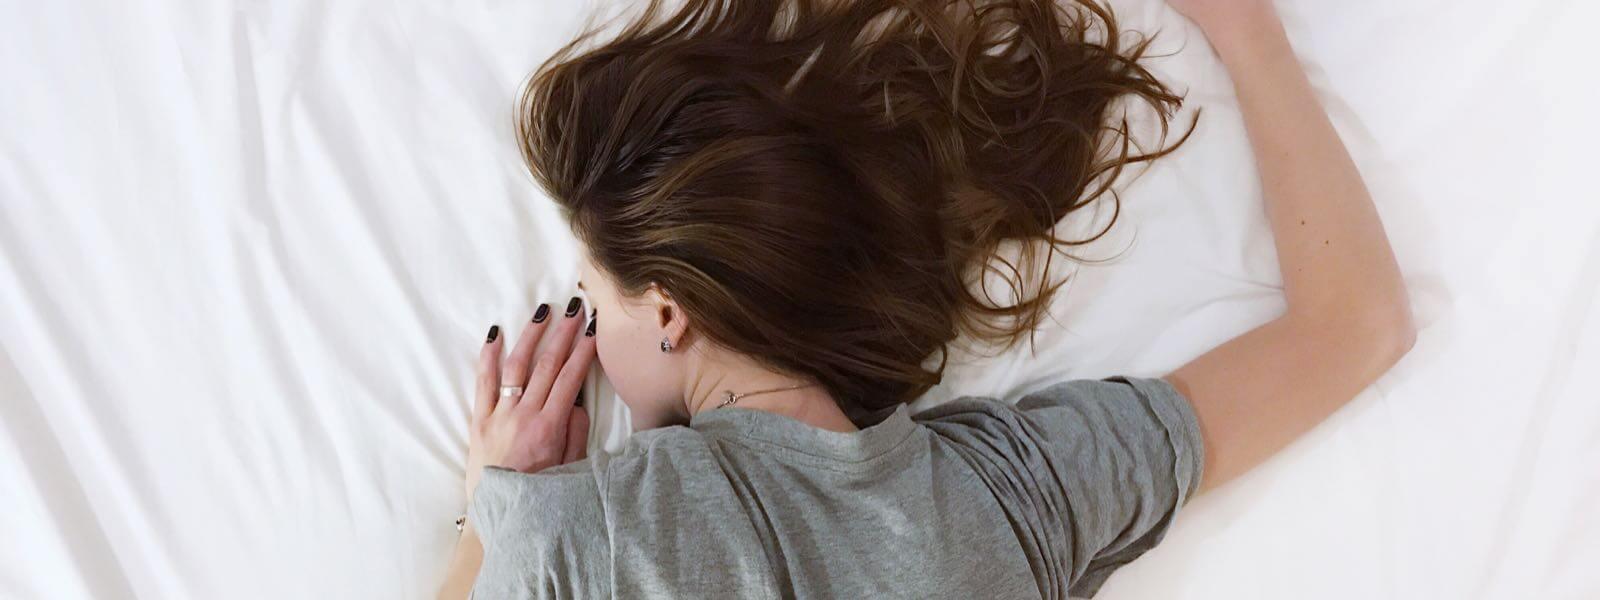 sleep habits sleeping in Wignall